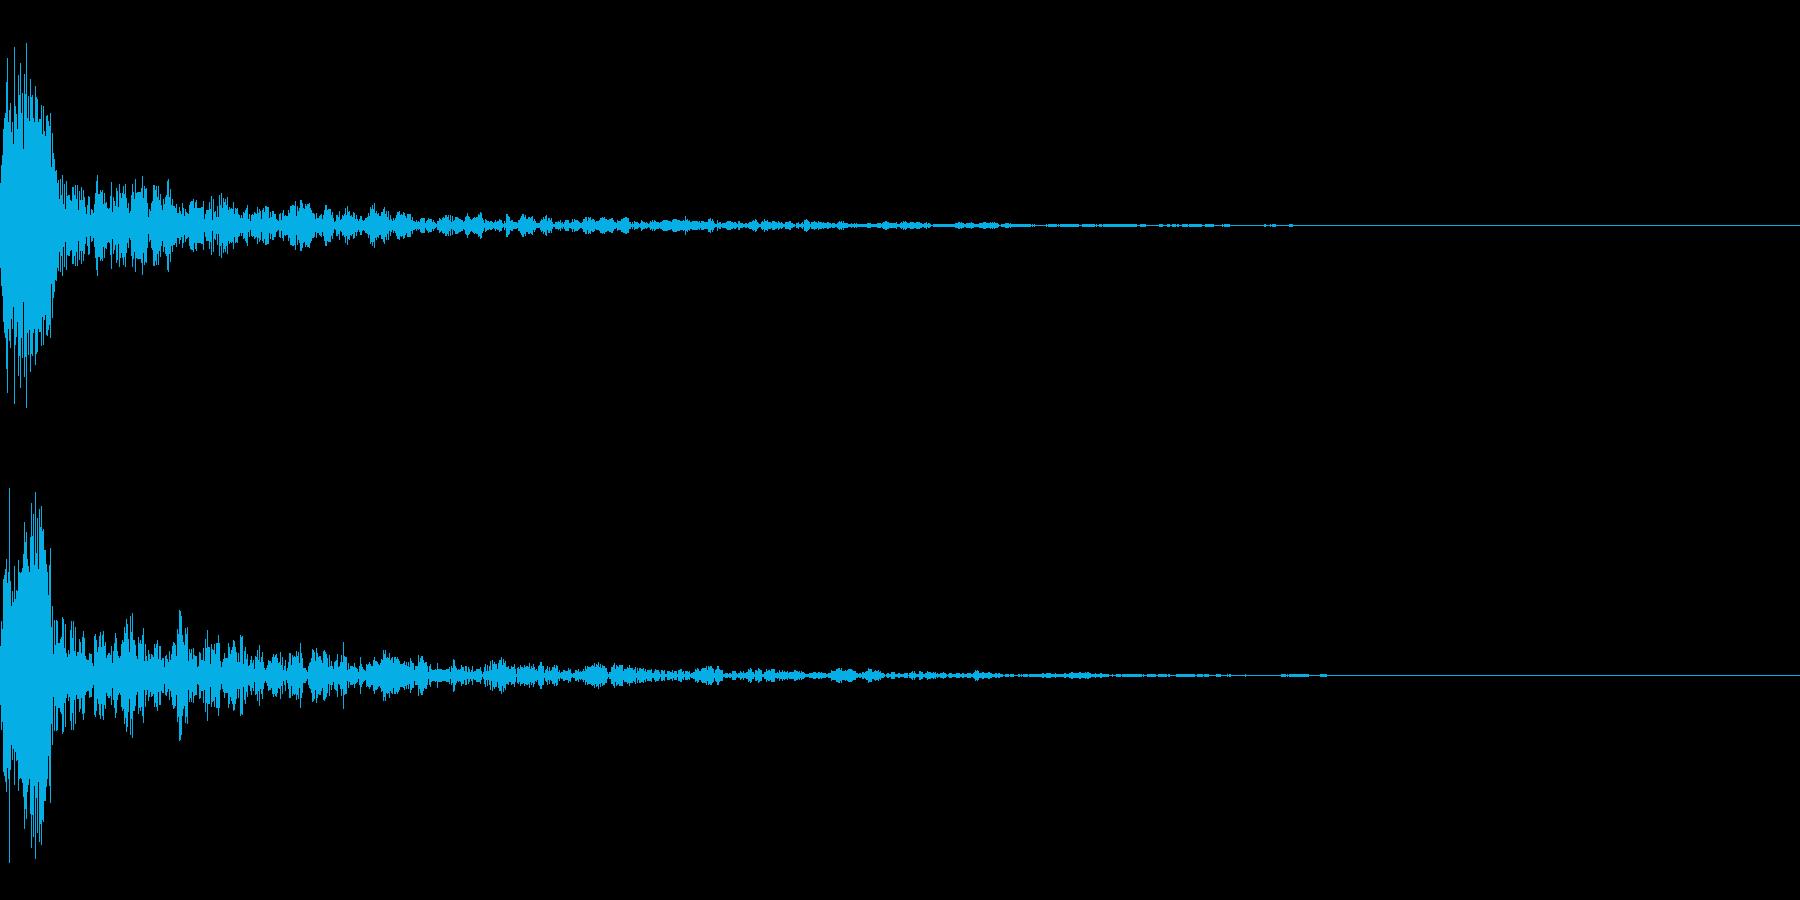 ドーン-17-1(インパクト音)の再生済みの波形